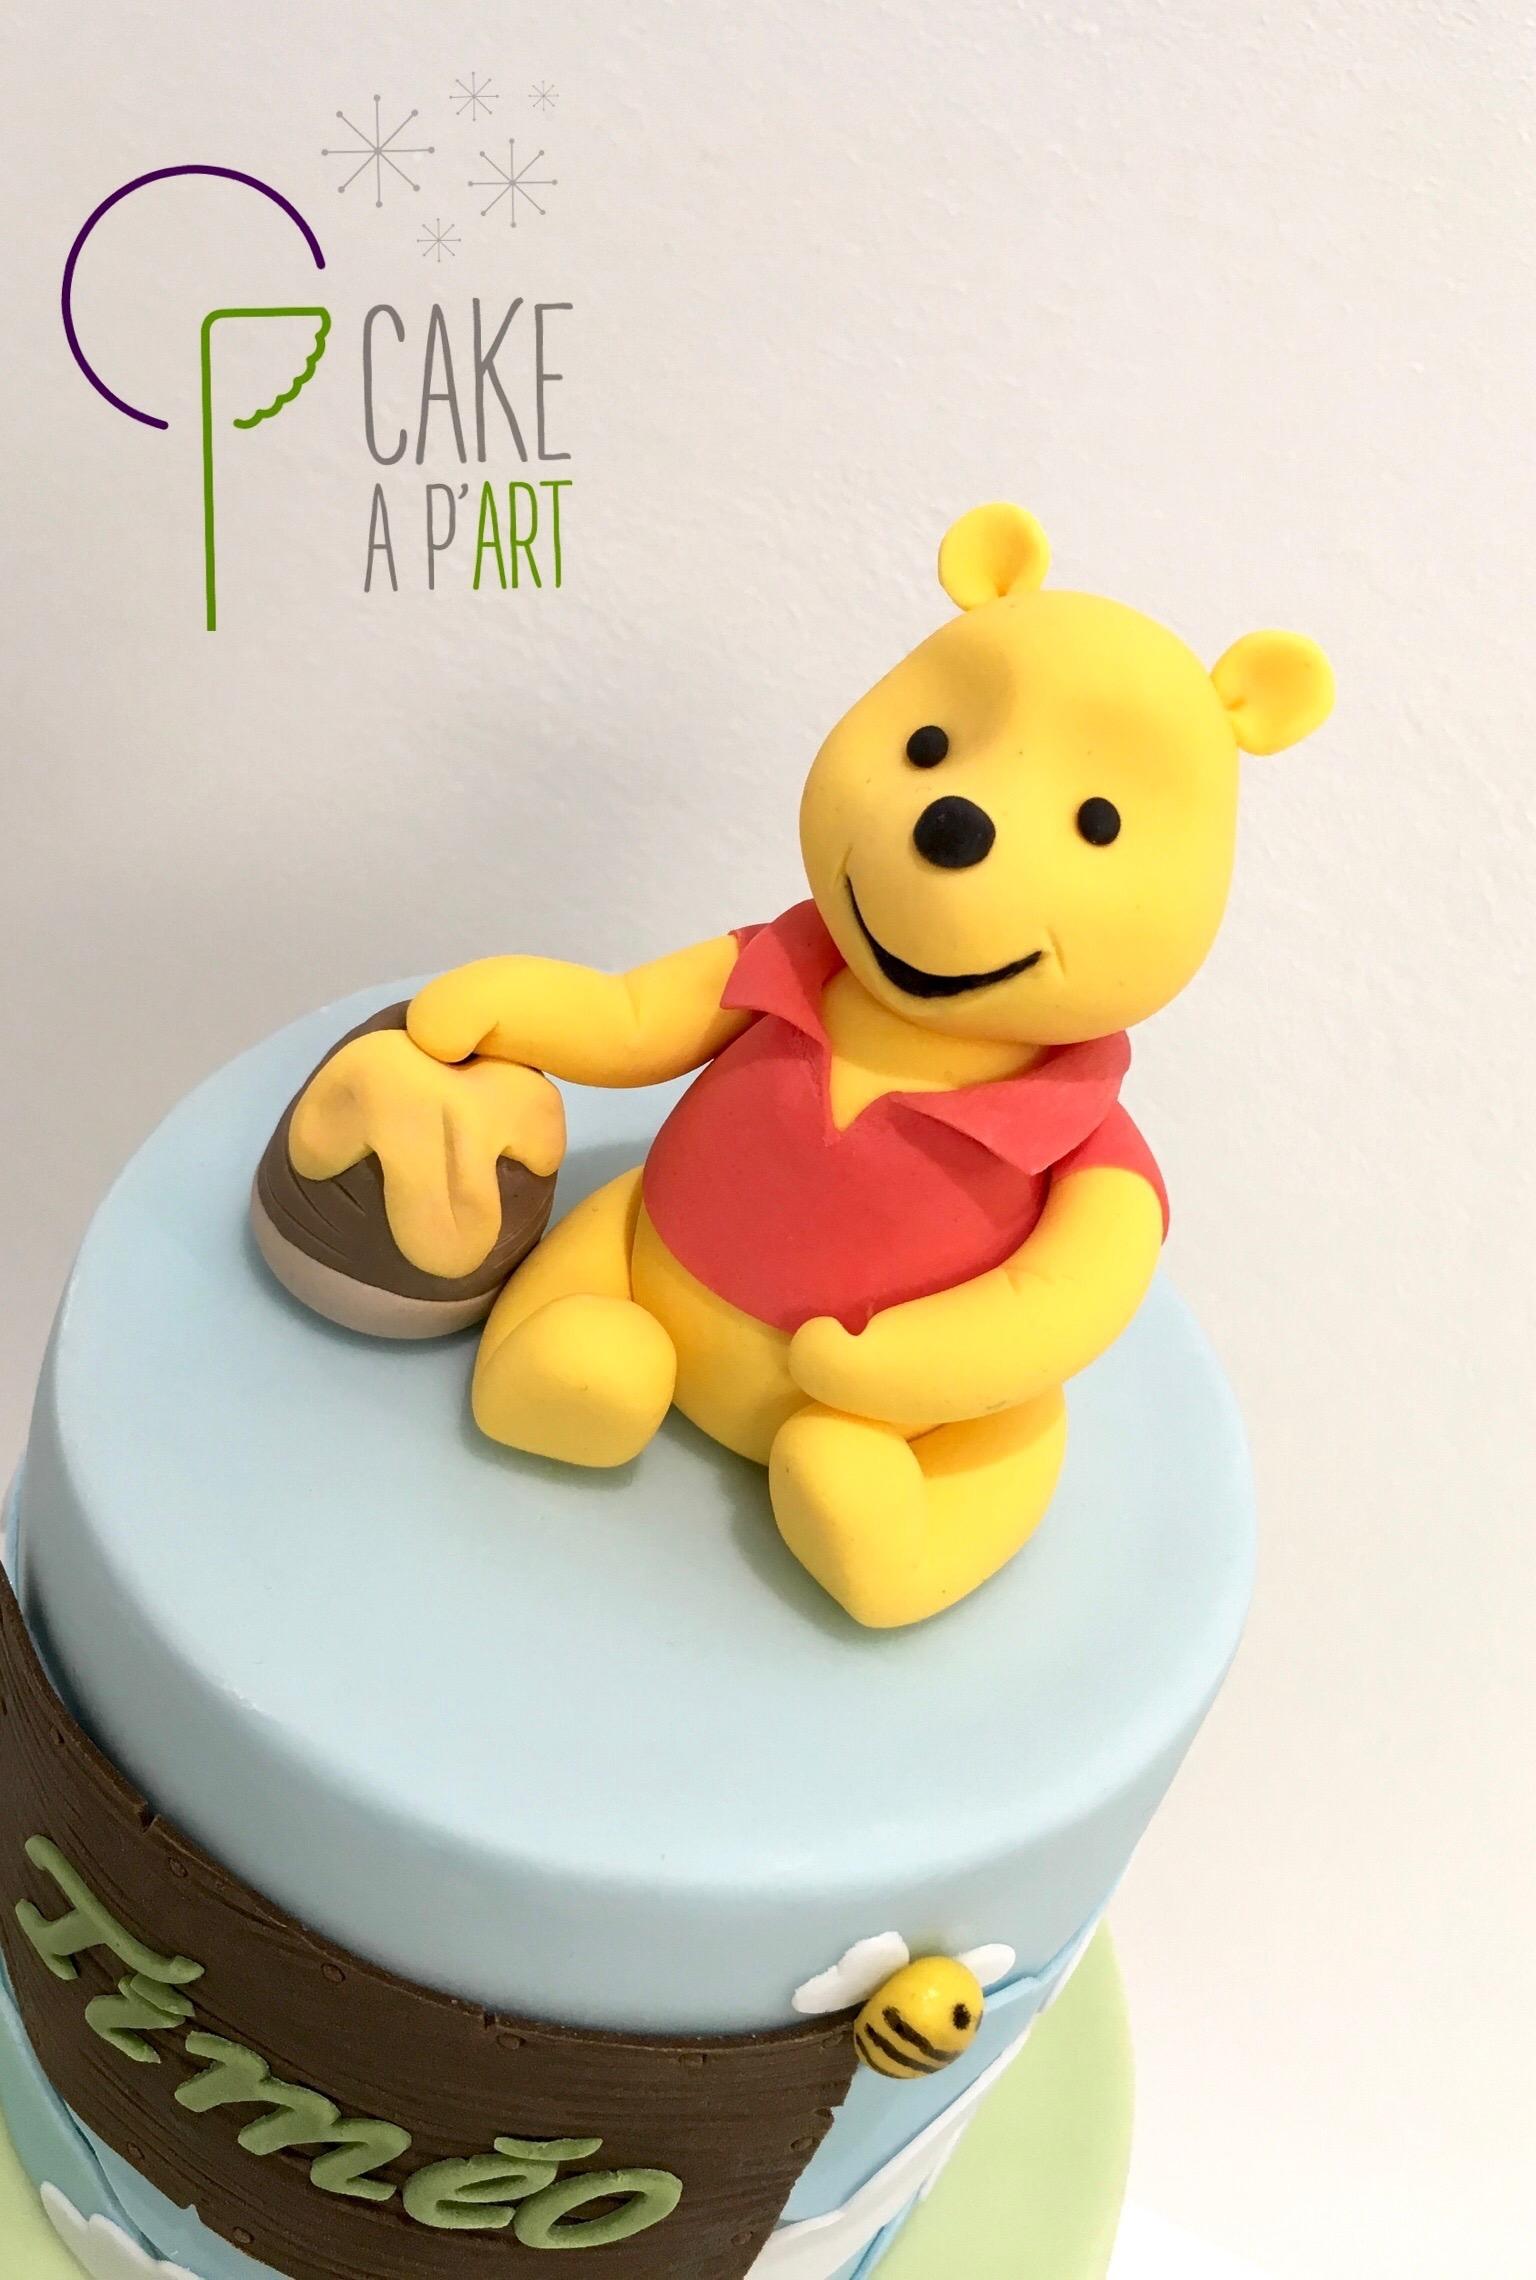 Décor modelage en sucre gâteaux personnalisés - Anniversaire Thème Winnie l'ourson